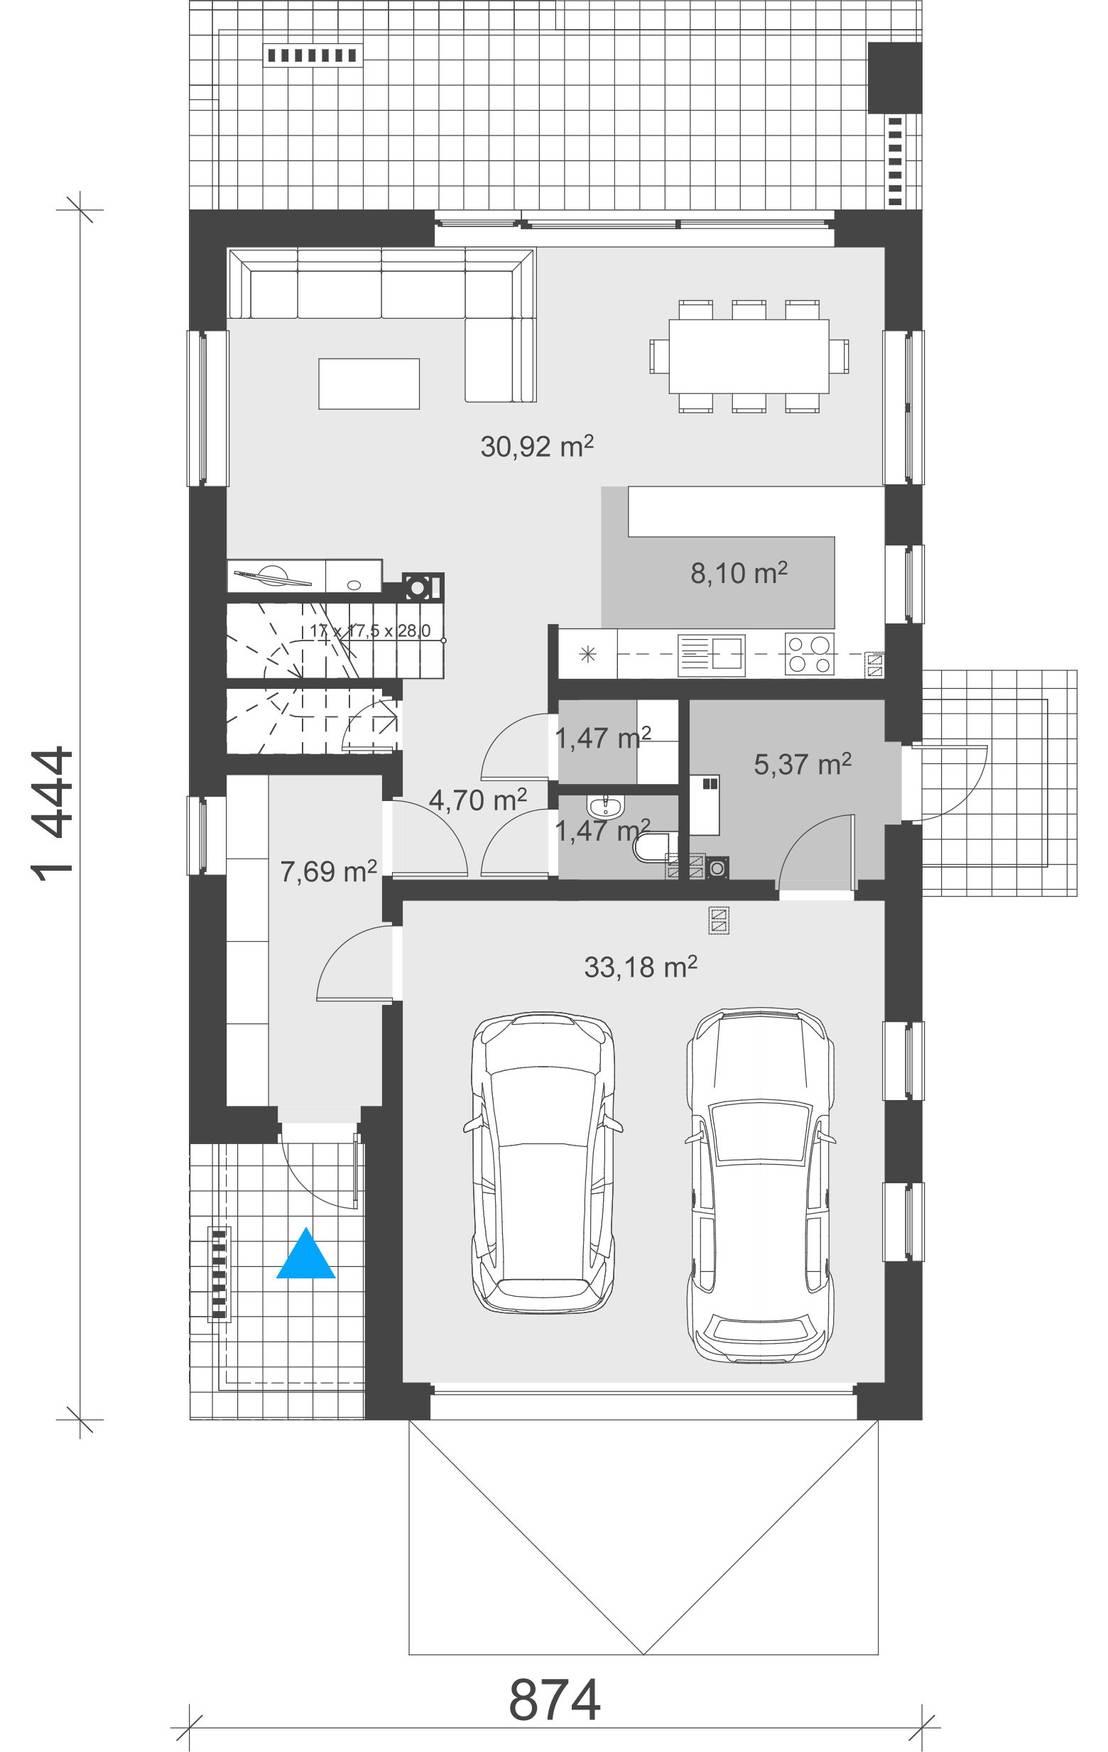 die grundrisse von sechs traumh usern zur inspiration f r dein eigenes. Black Bedroom Furniture Sets. Home Design Ideas